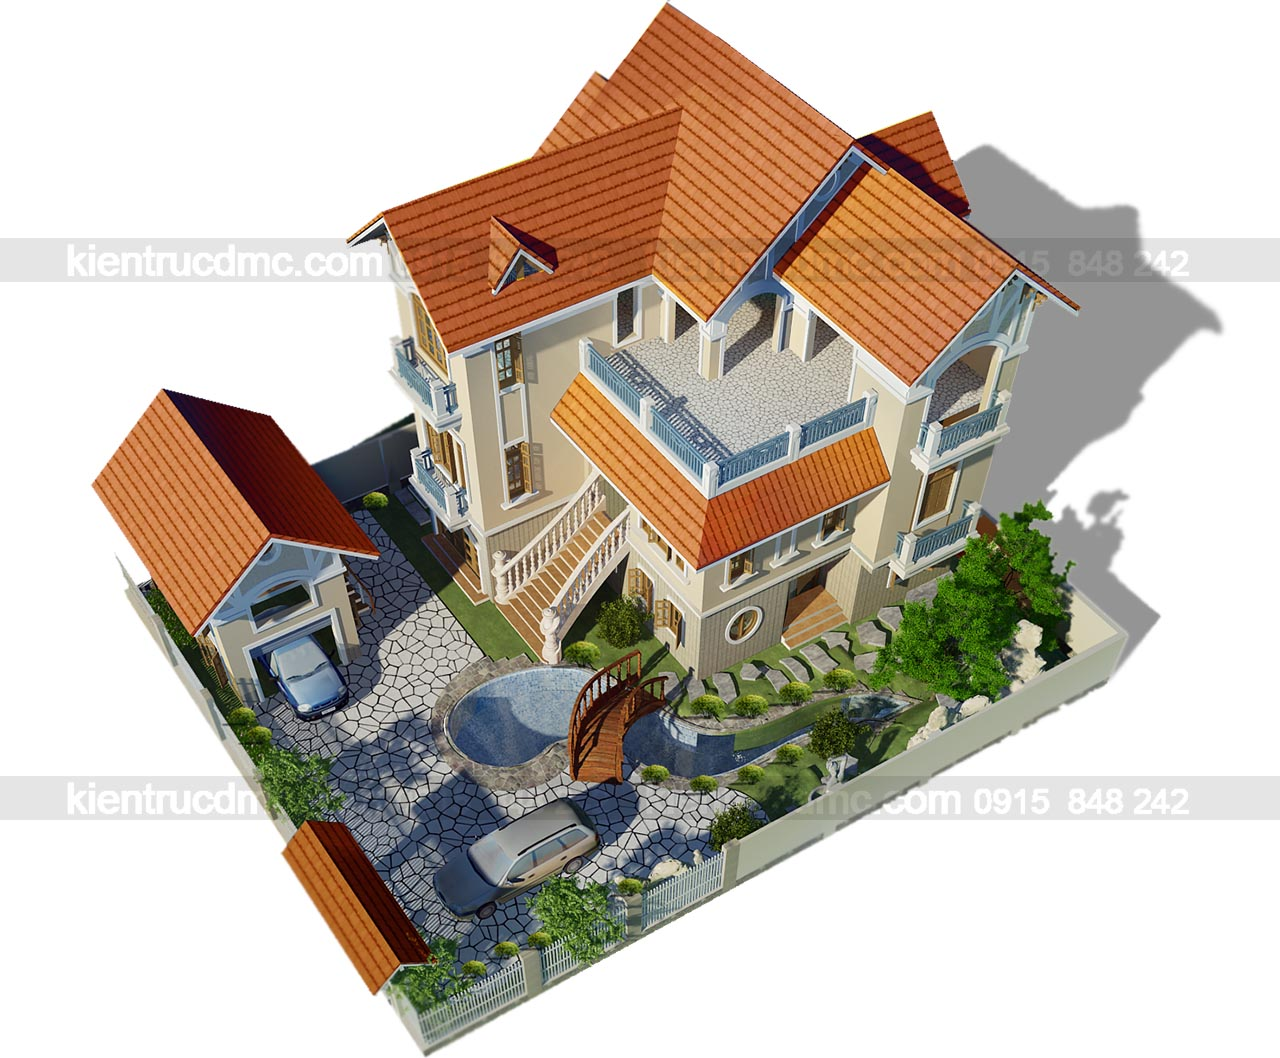 Thiết kế biệt thự cao cấp Ninh Bình